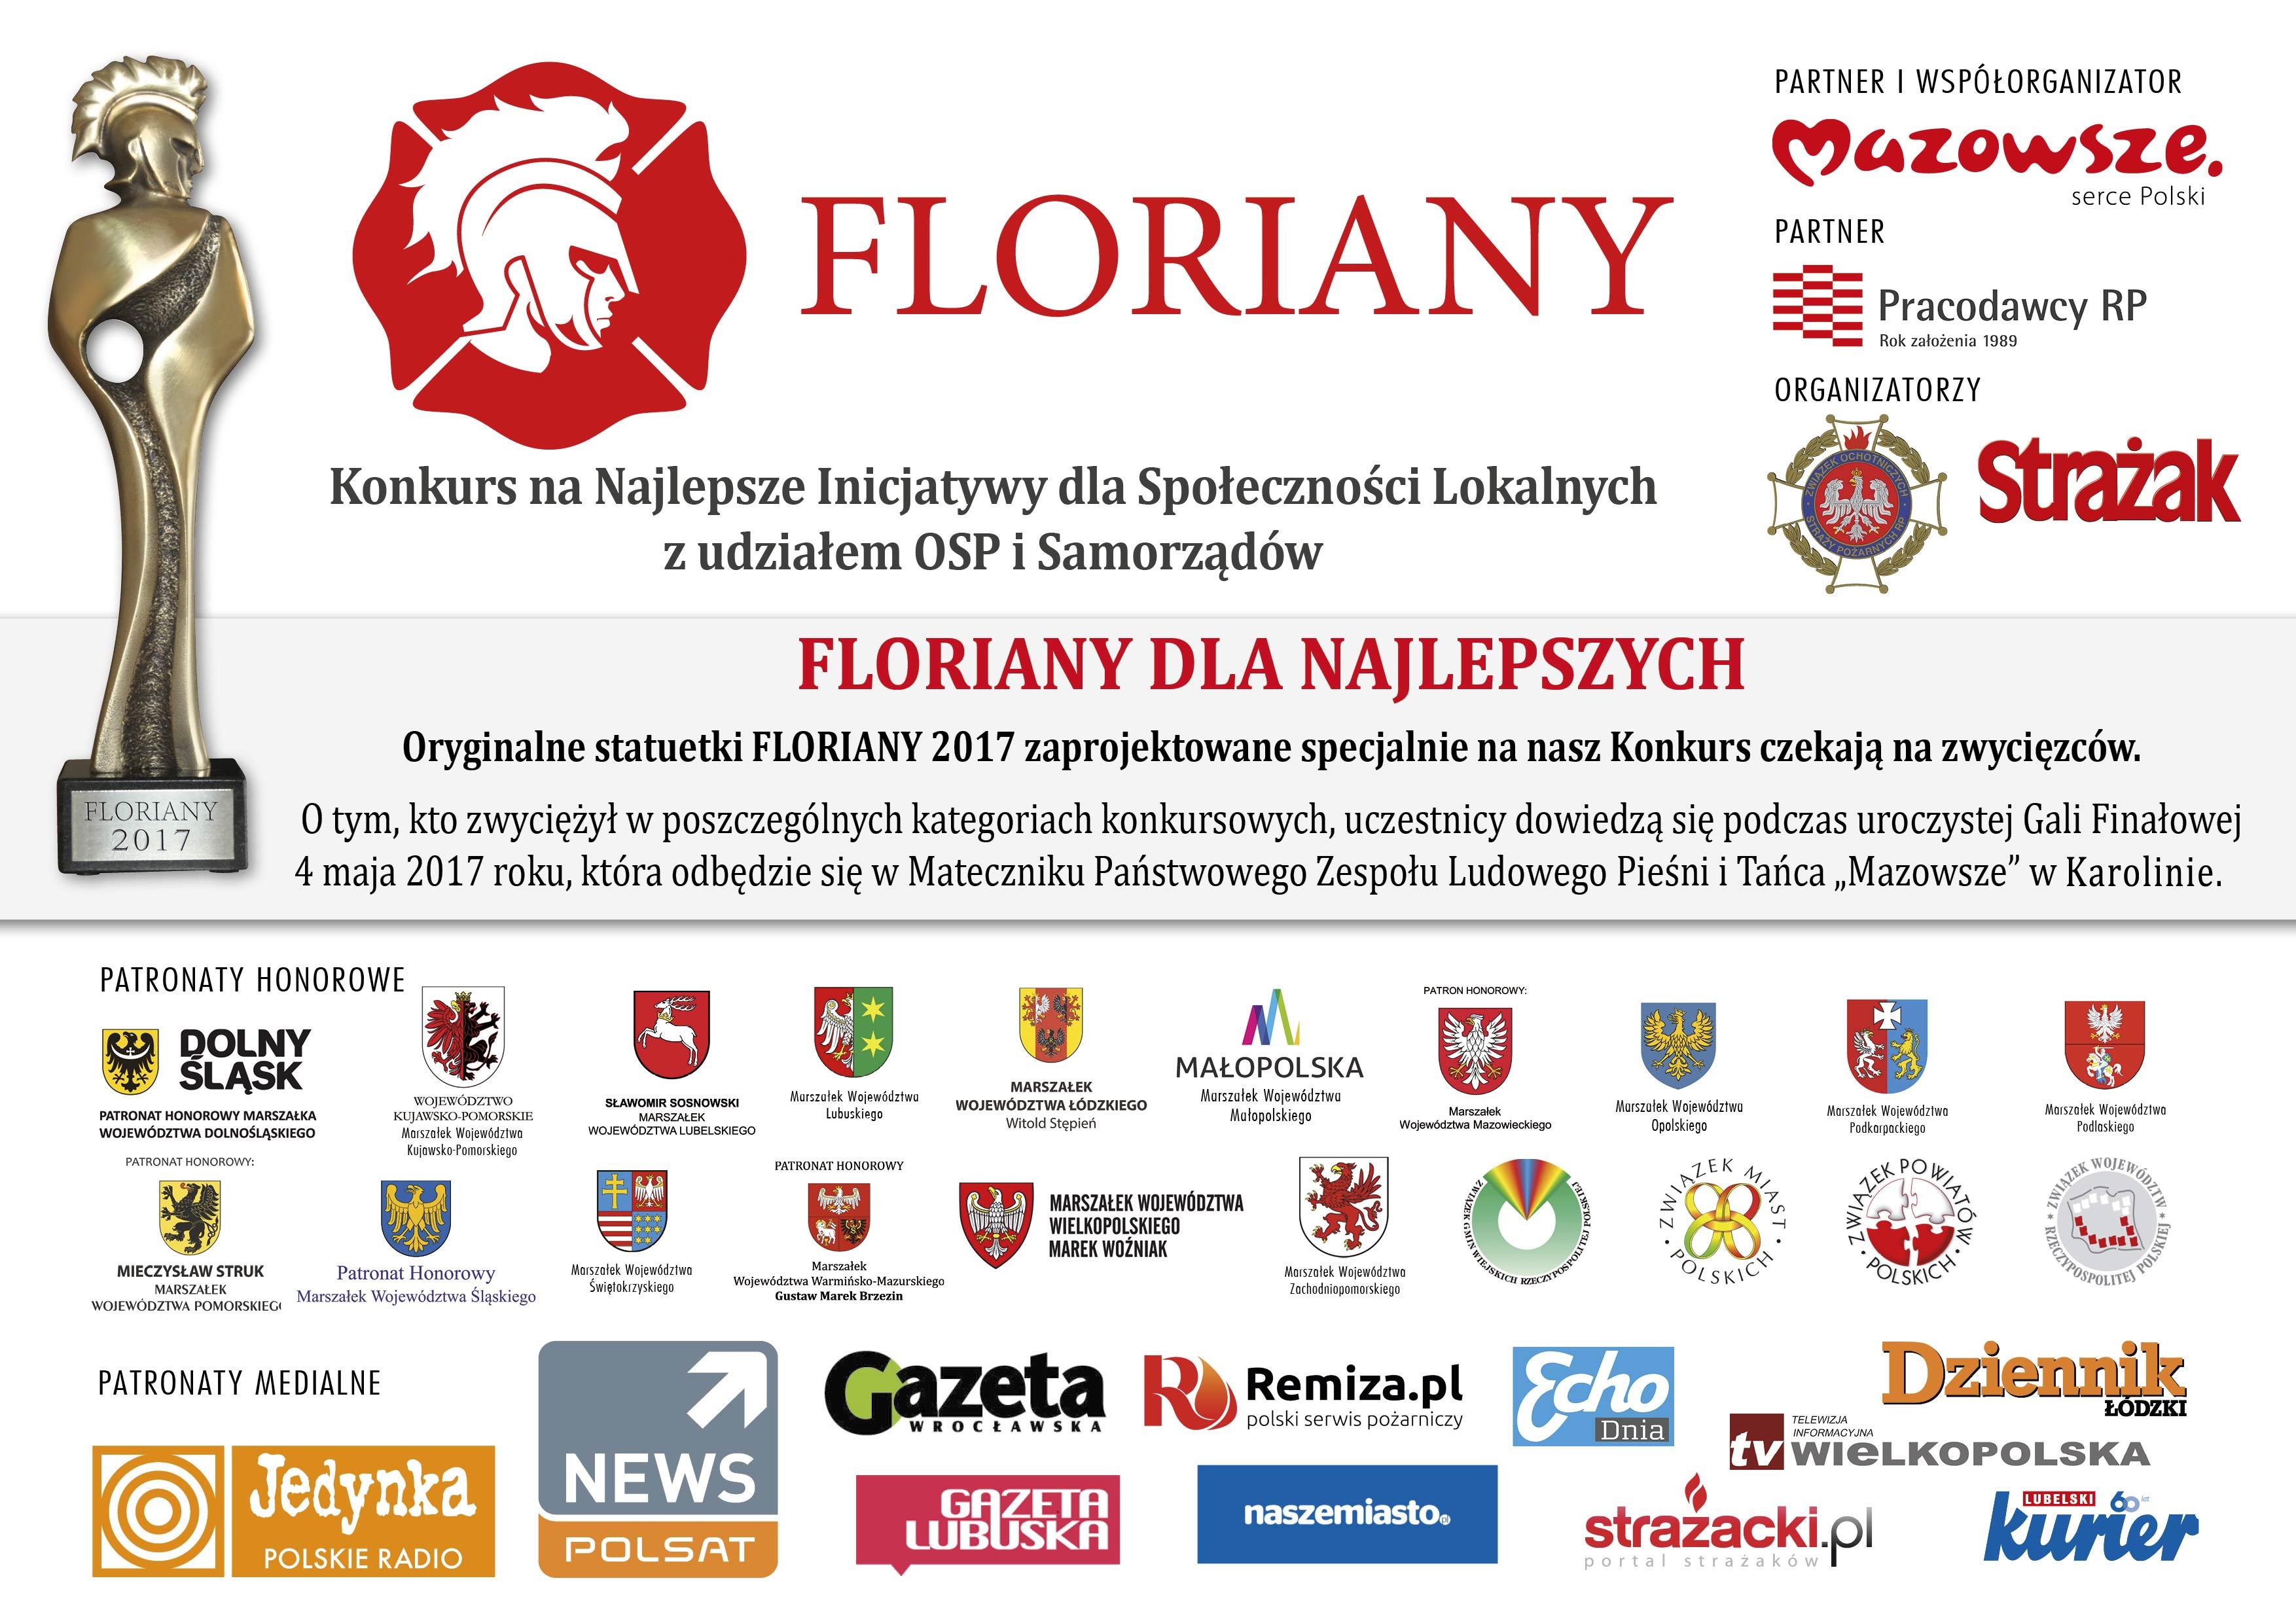 Floriany patronaty